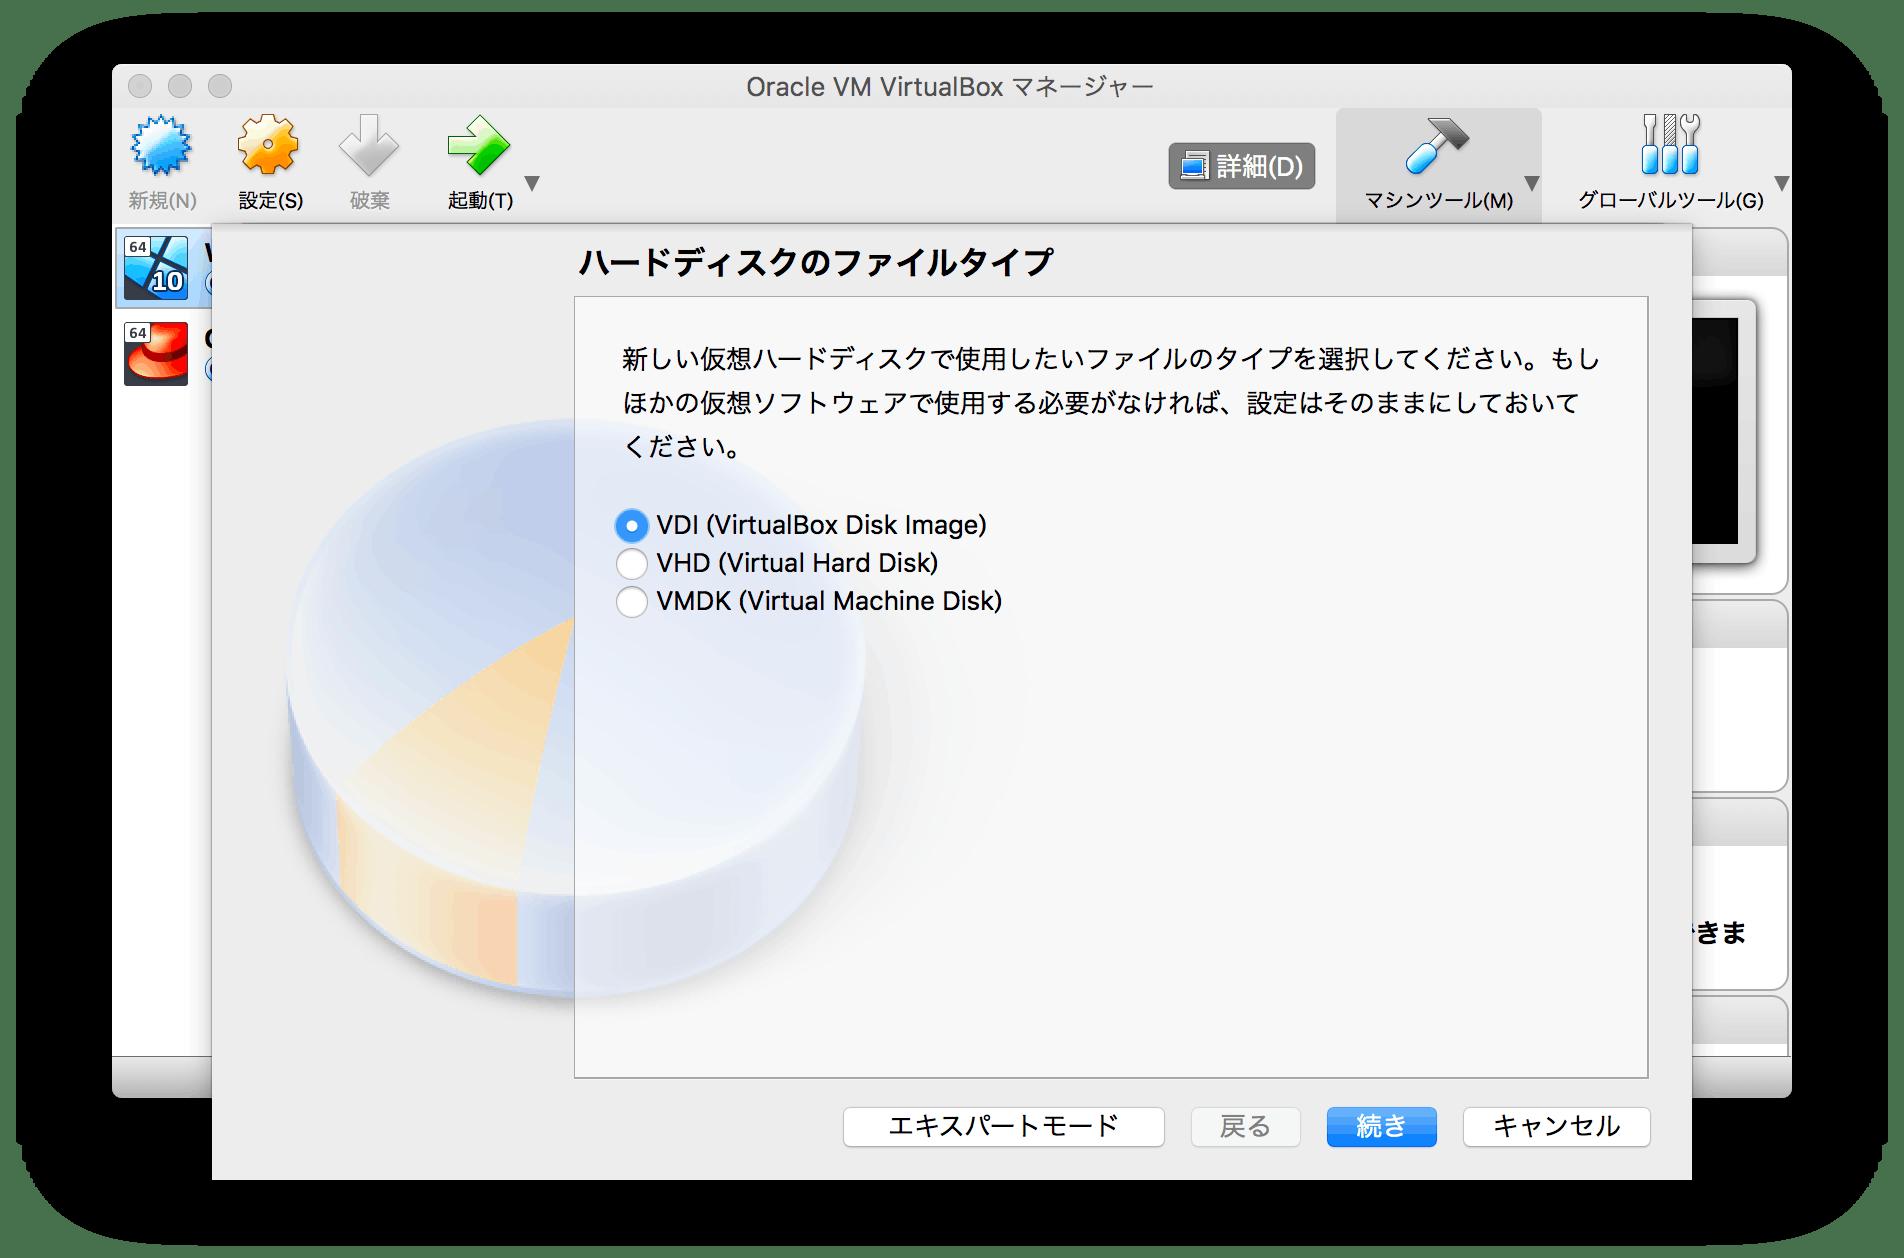 スクリーンショット 2018-01-20 20.43.16.png